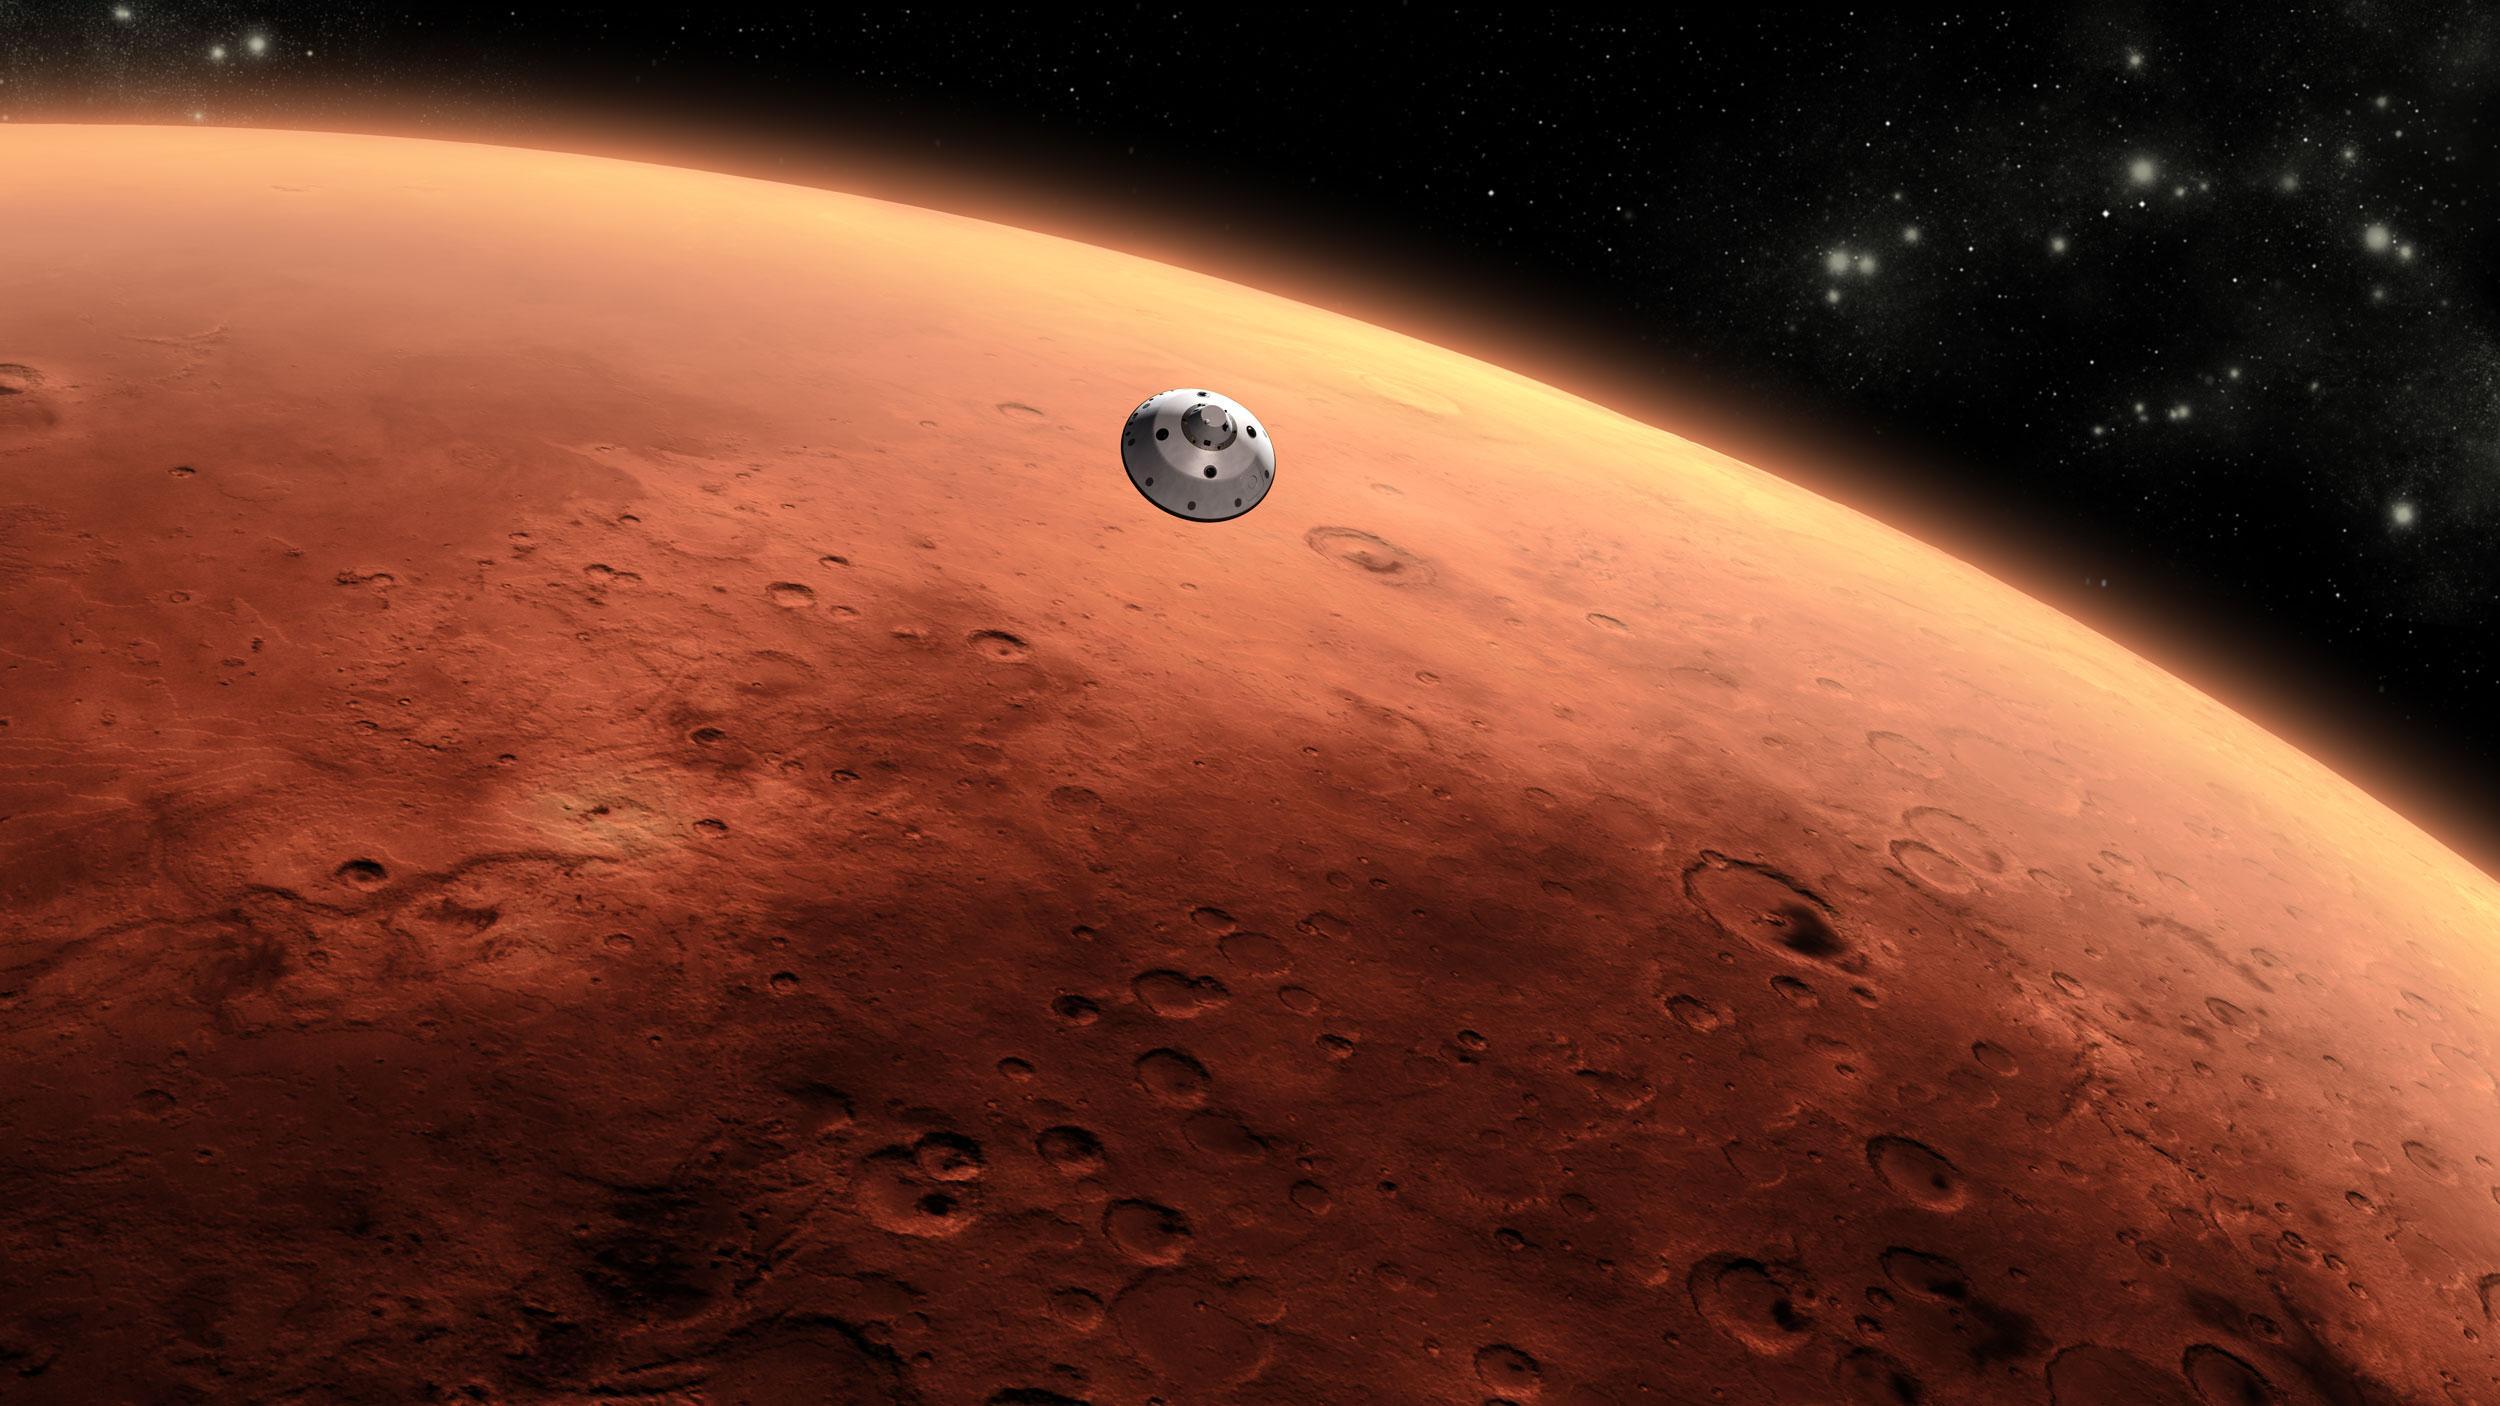 Marsda daha əvvəl həyatın olduğu iddia edilir